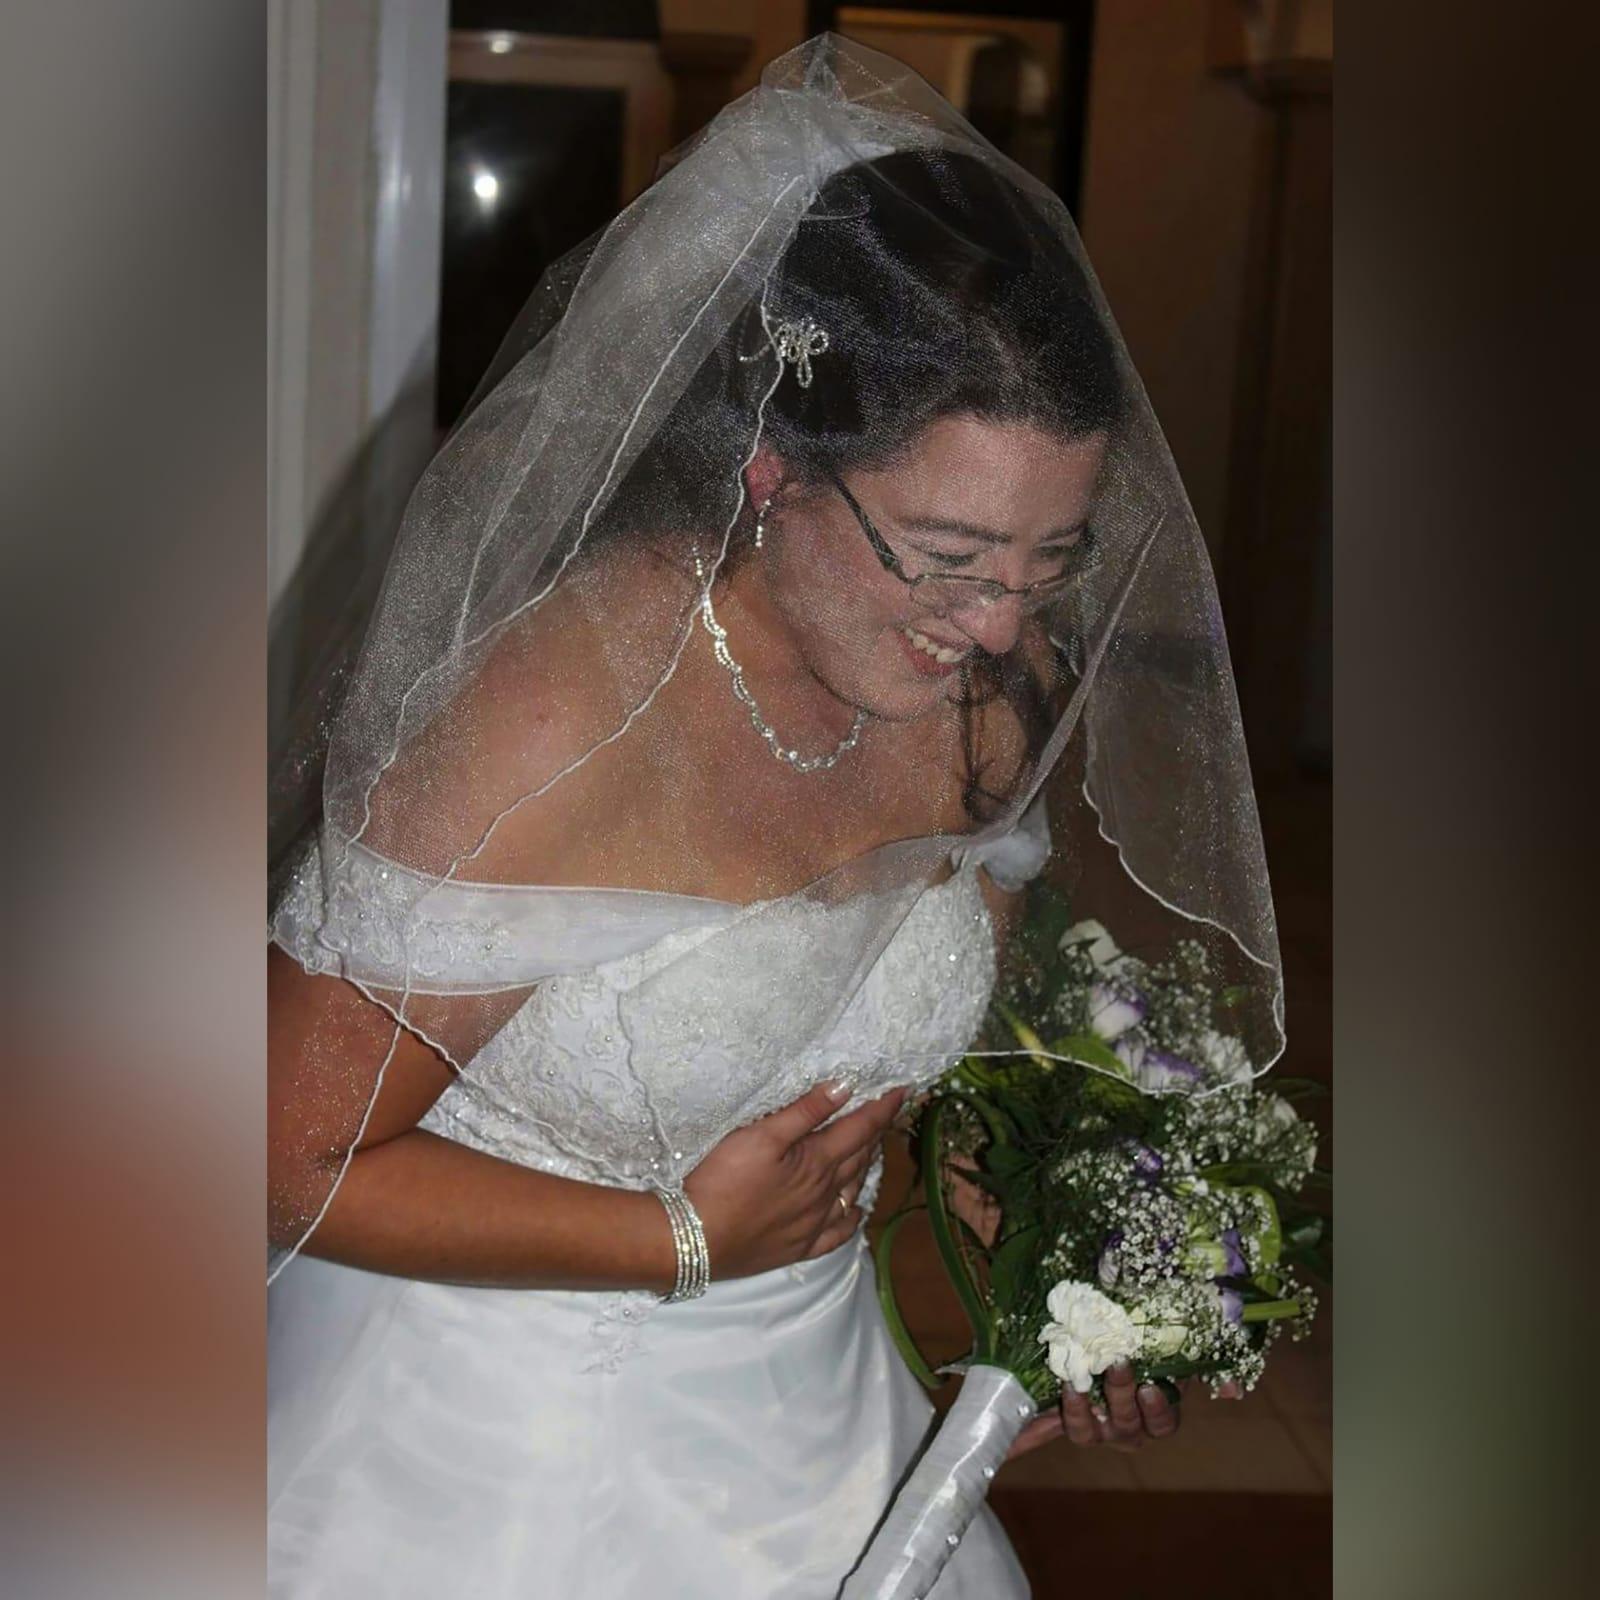 Organza vestido de noiva branco 3 vestido de baile de casamento branco de organza, sem ombros. Corpete detalhado com renda. De costas com cordões. Com um cauda e ombro organza plissada detalhadas com rendas. Com véu.